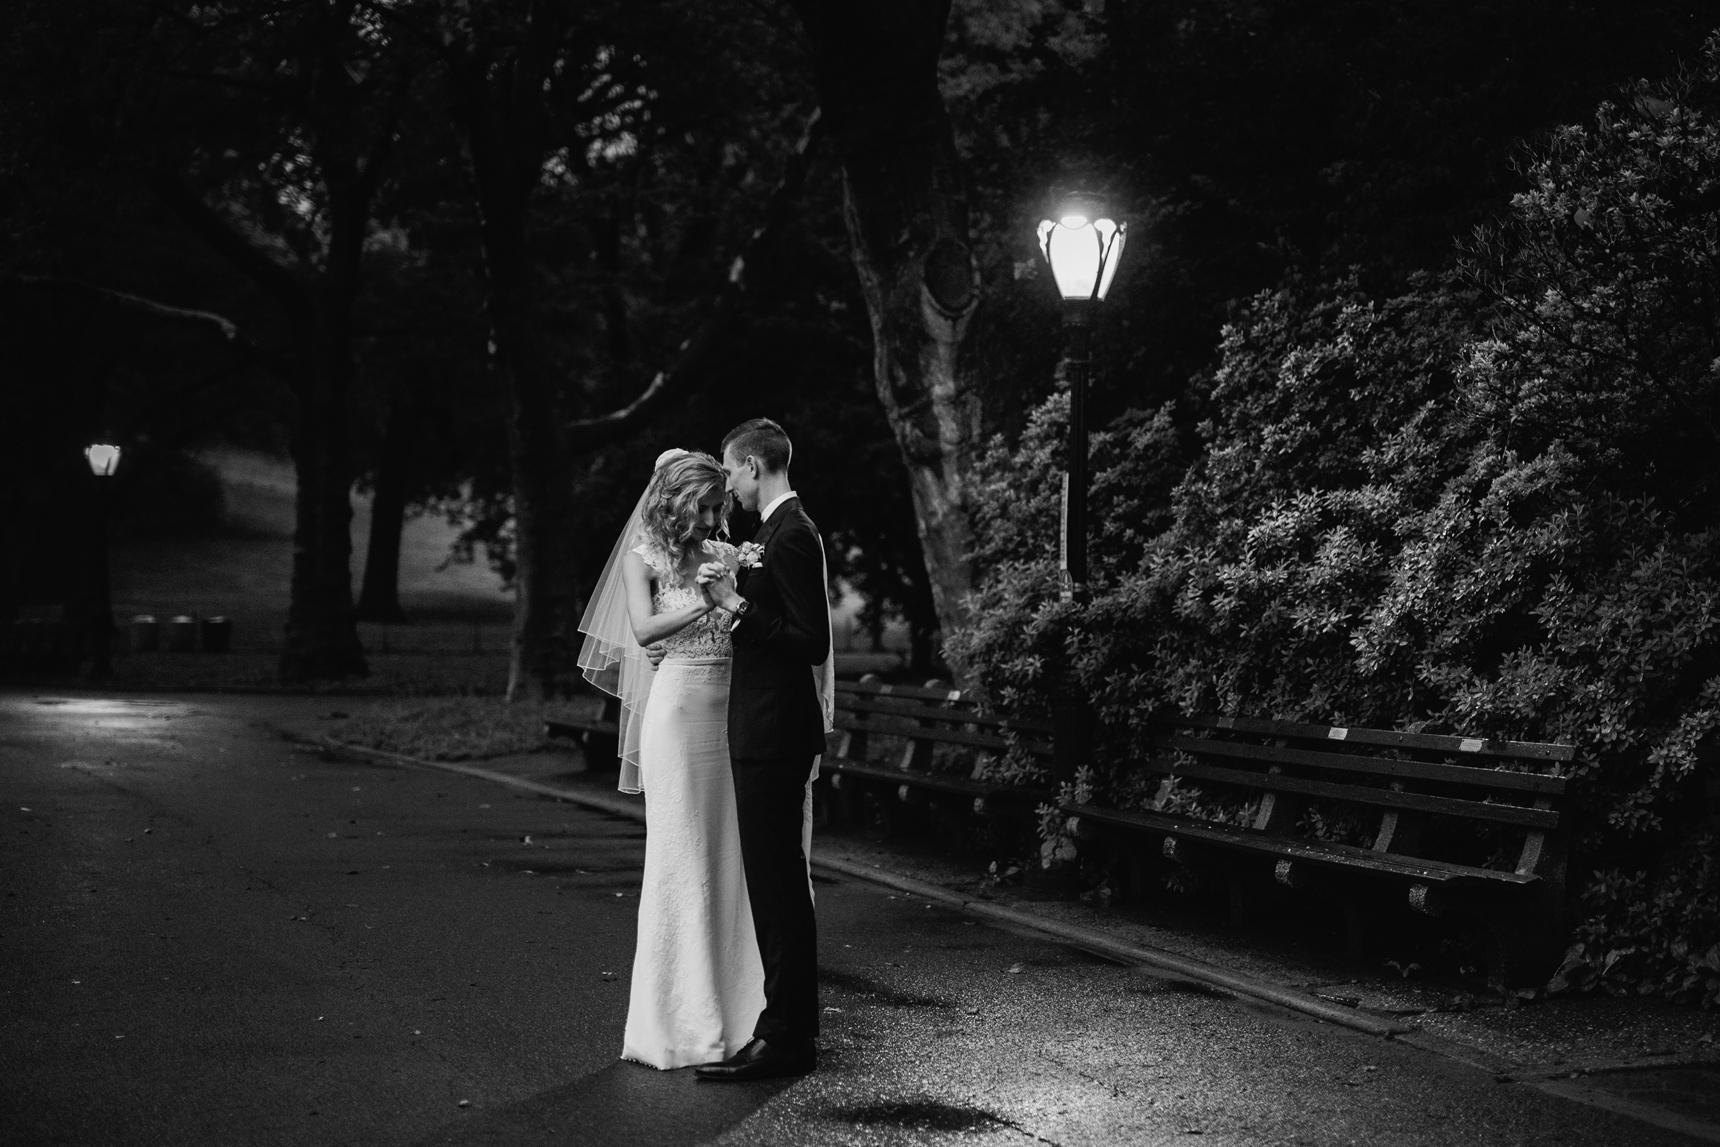 Jory_LoebBoathouse_CentralPark_NewYork_WeddingPhotographer111.jpg